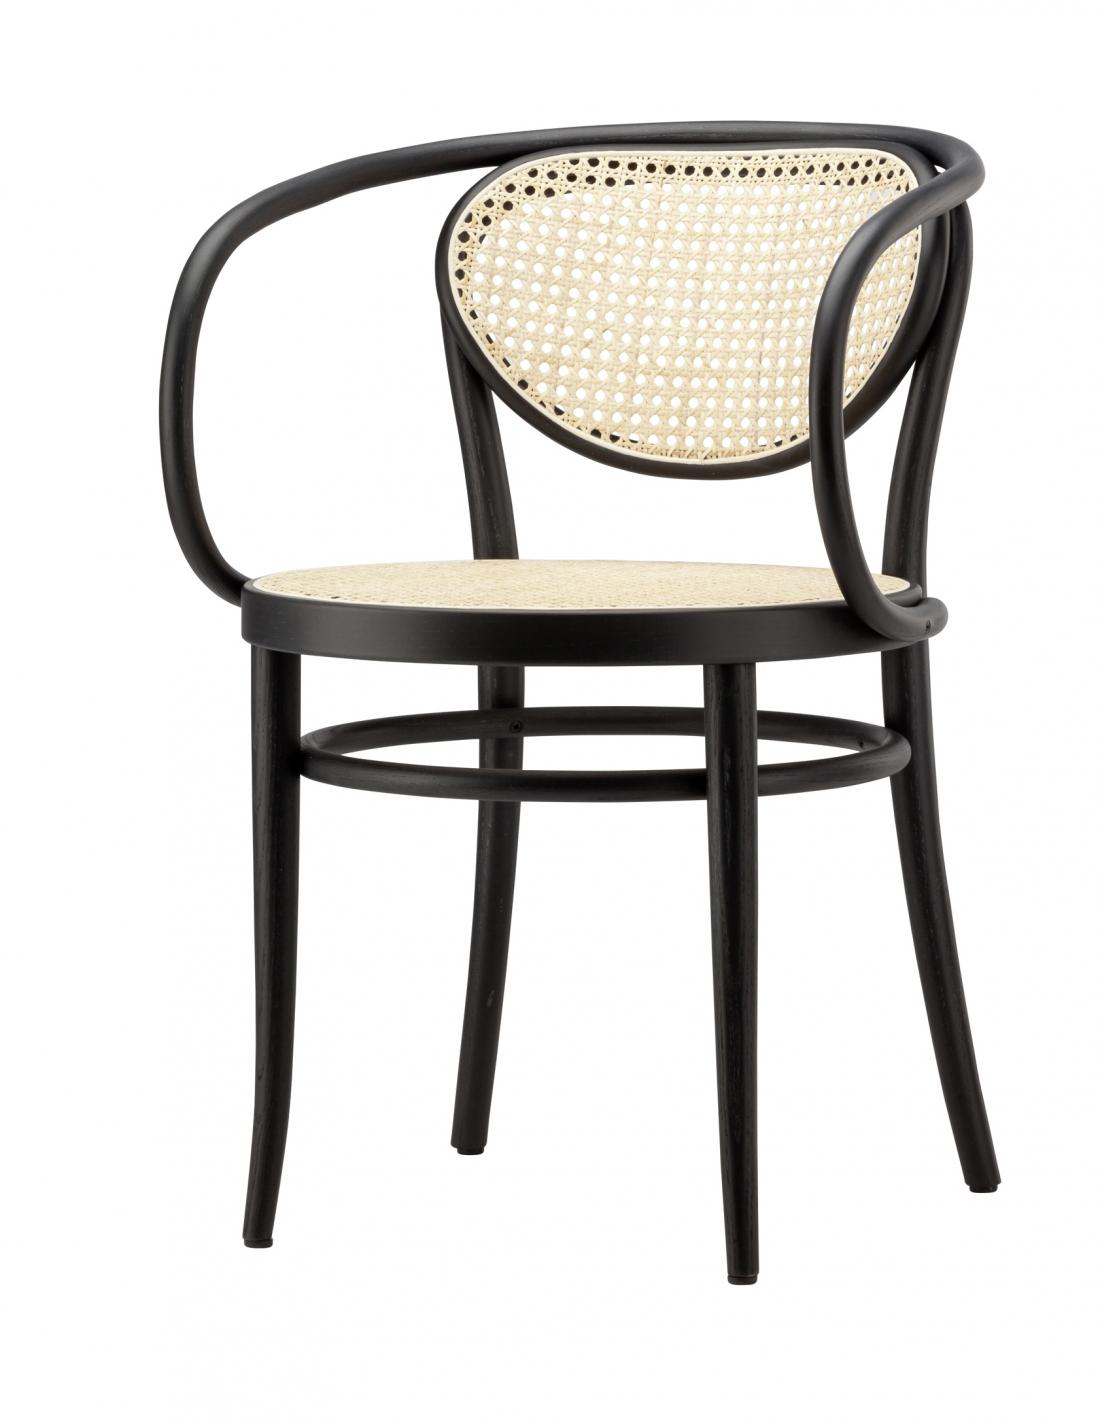 Thonet 209 Chair